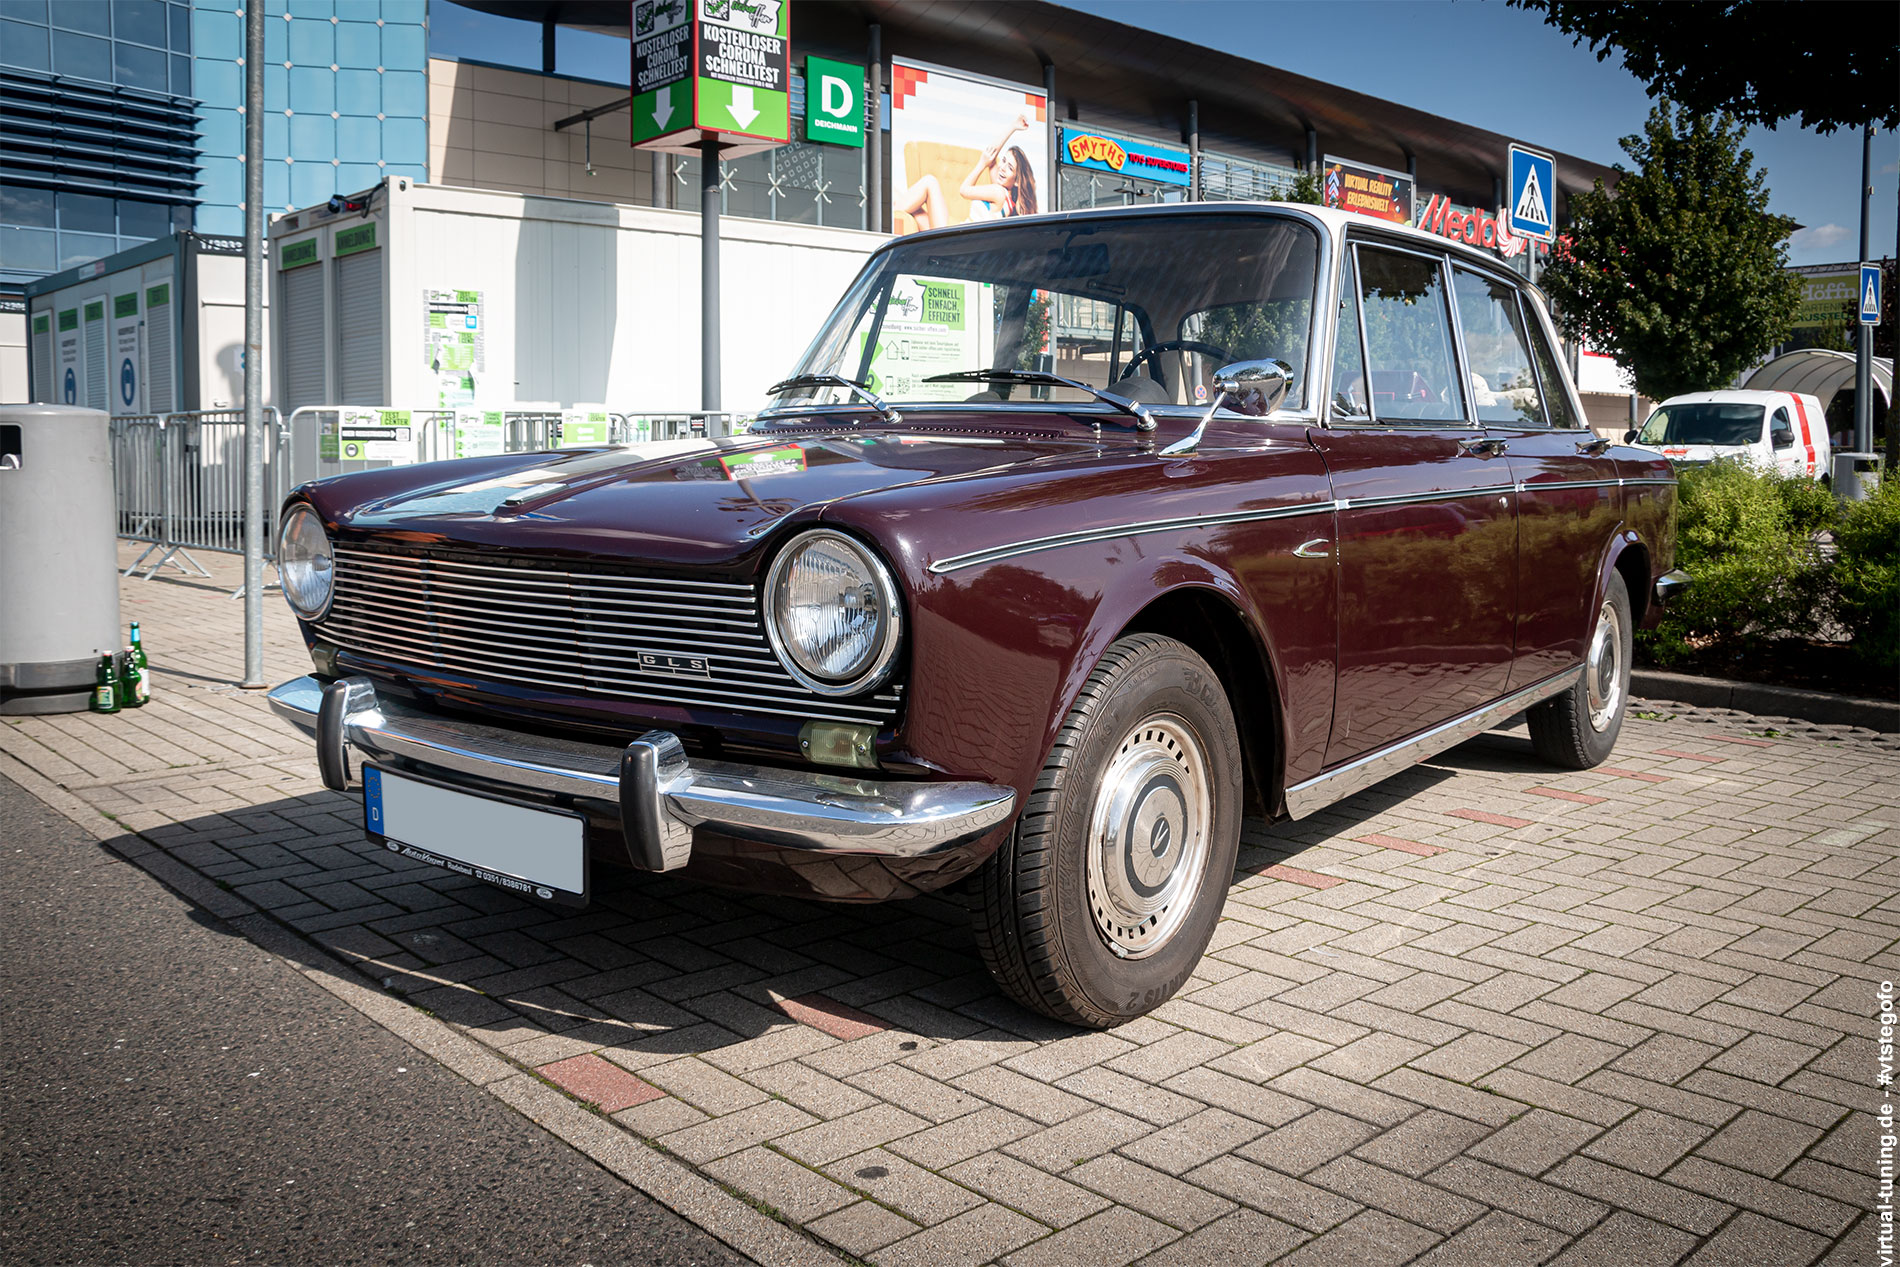 Simca 1500 - Altautotreff Dresden (07.2021)